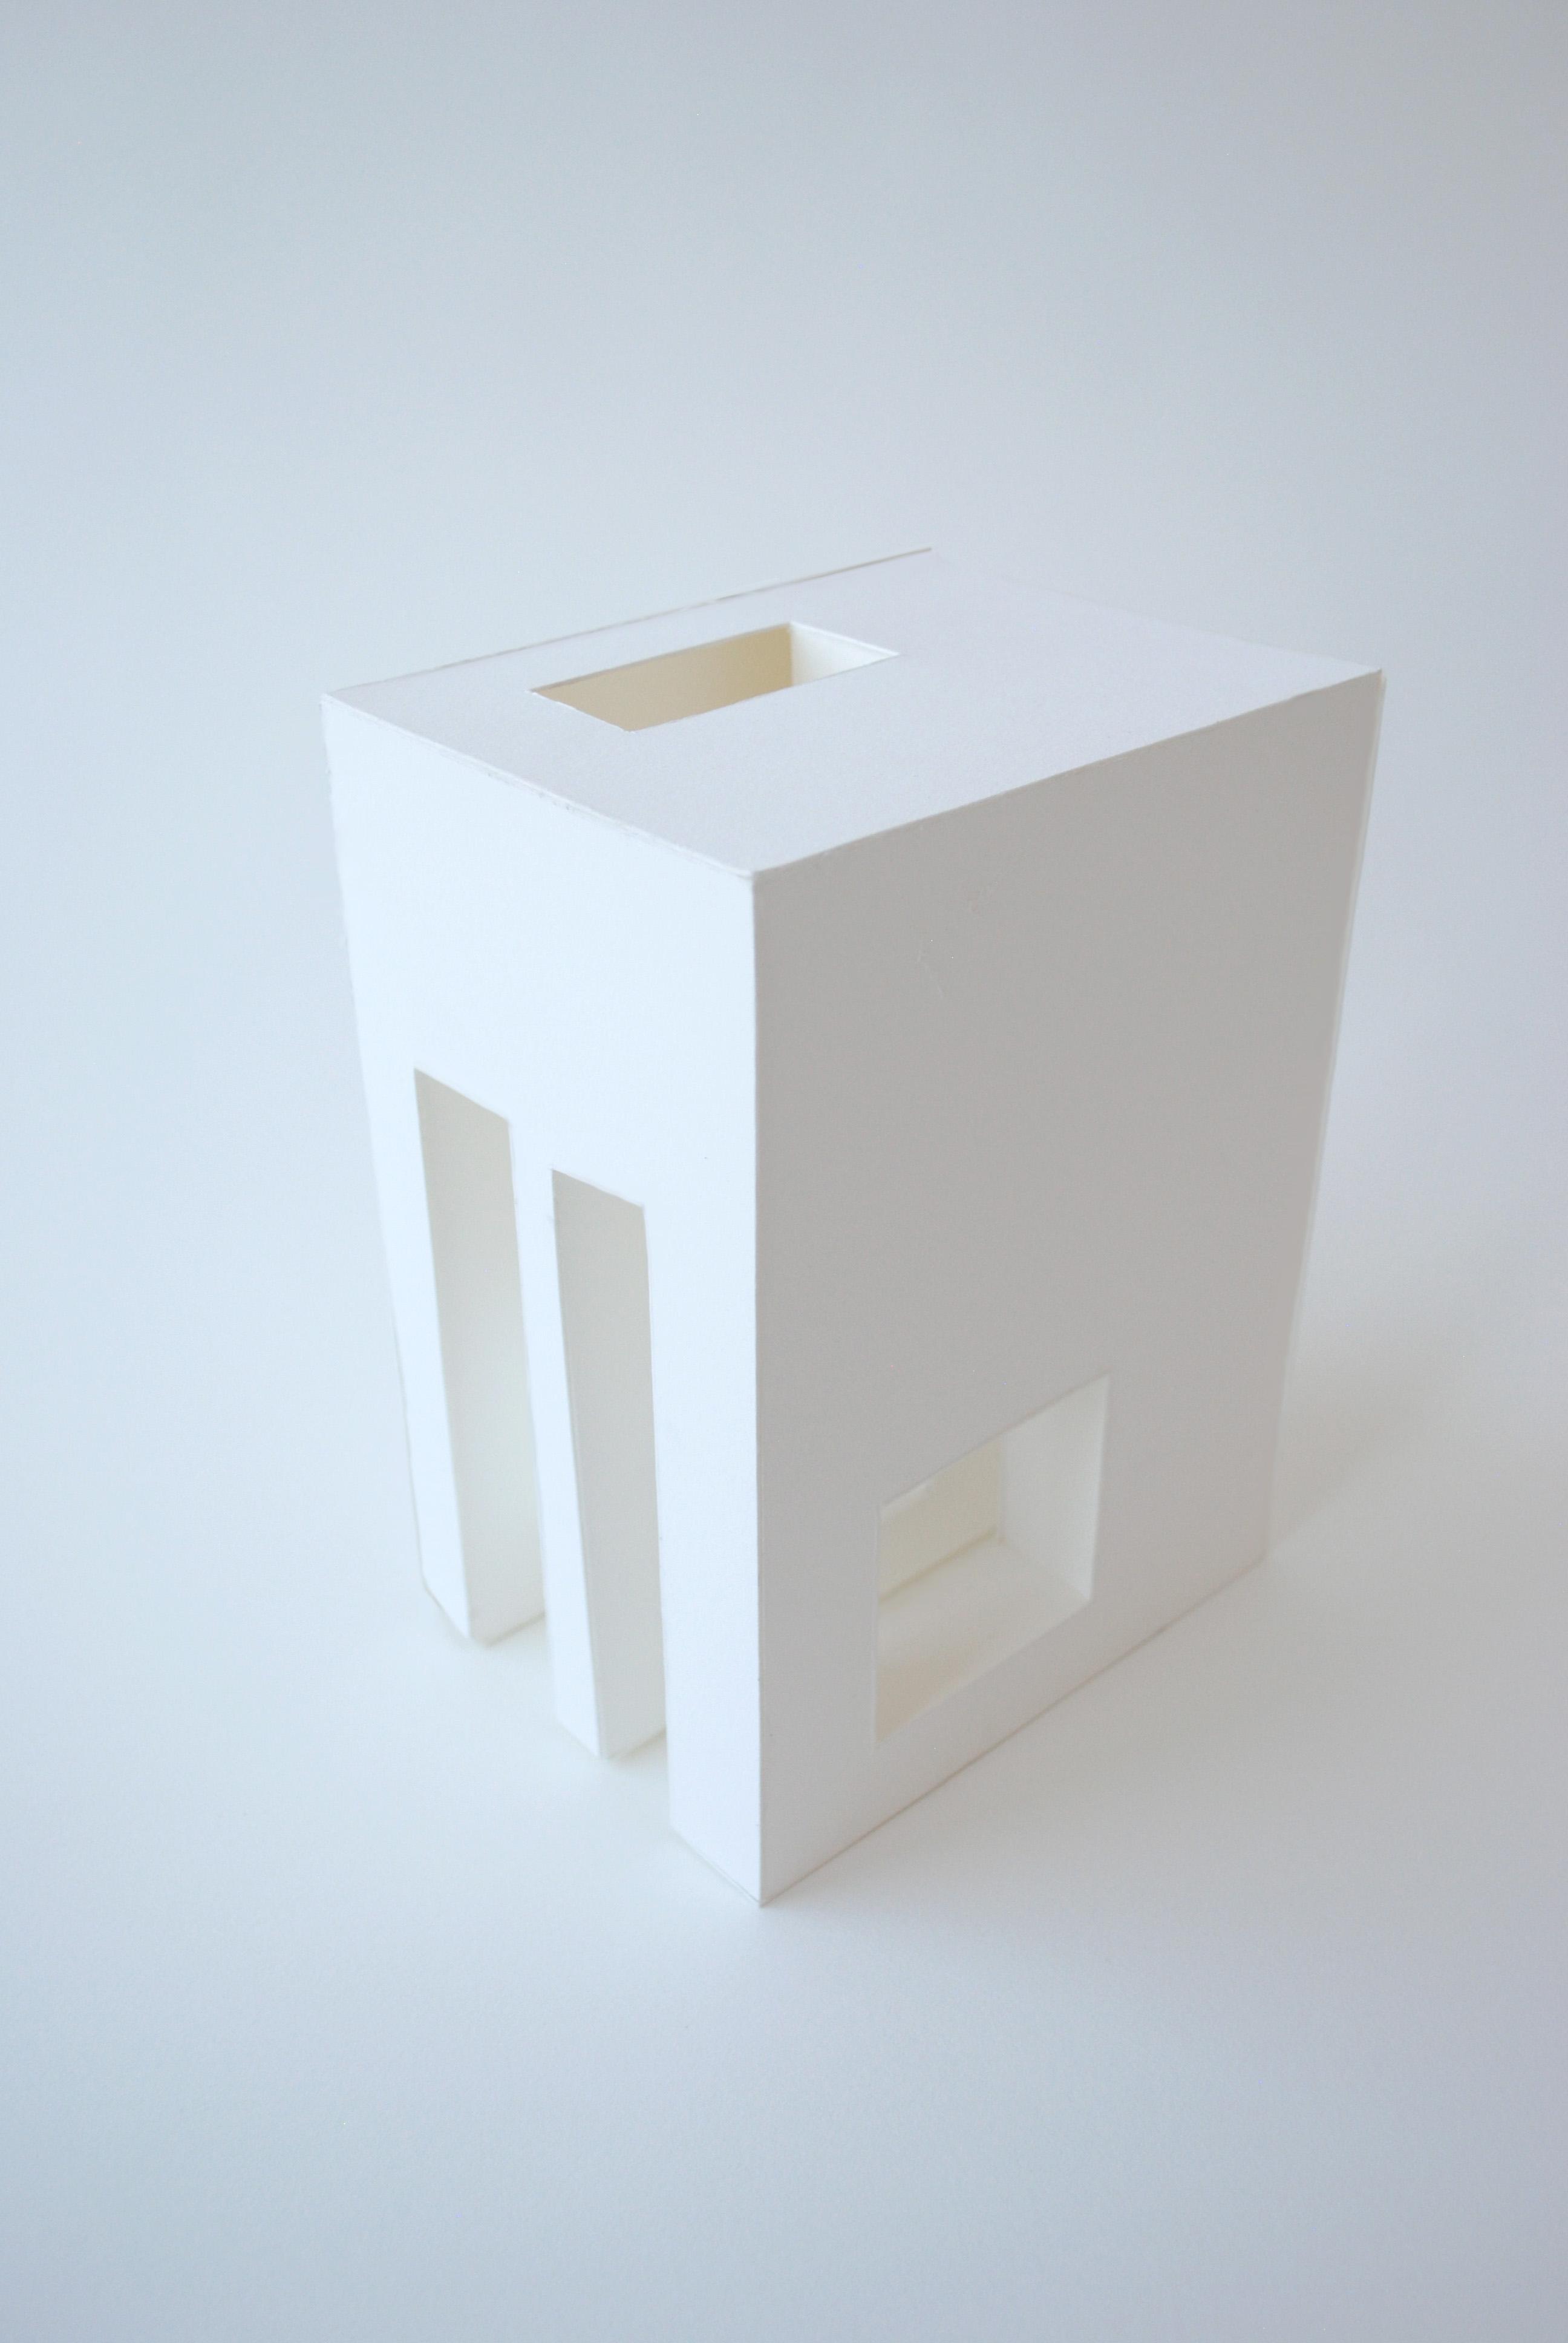 littlebox1